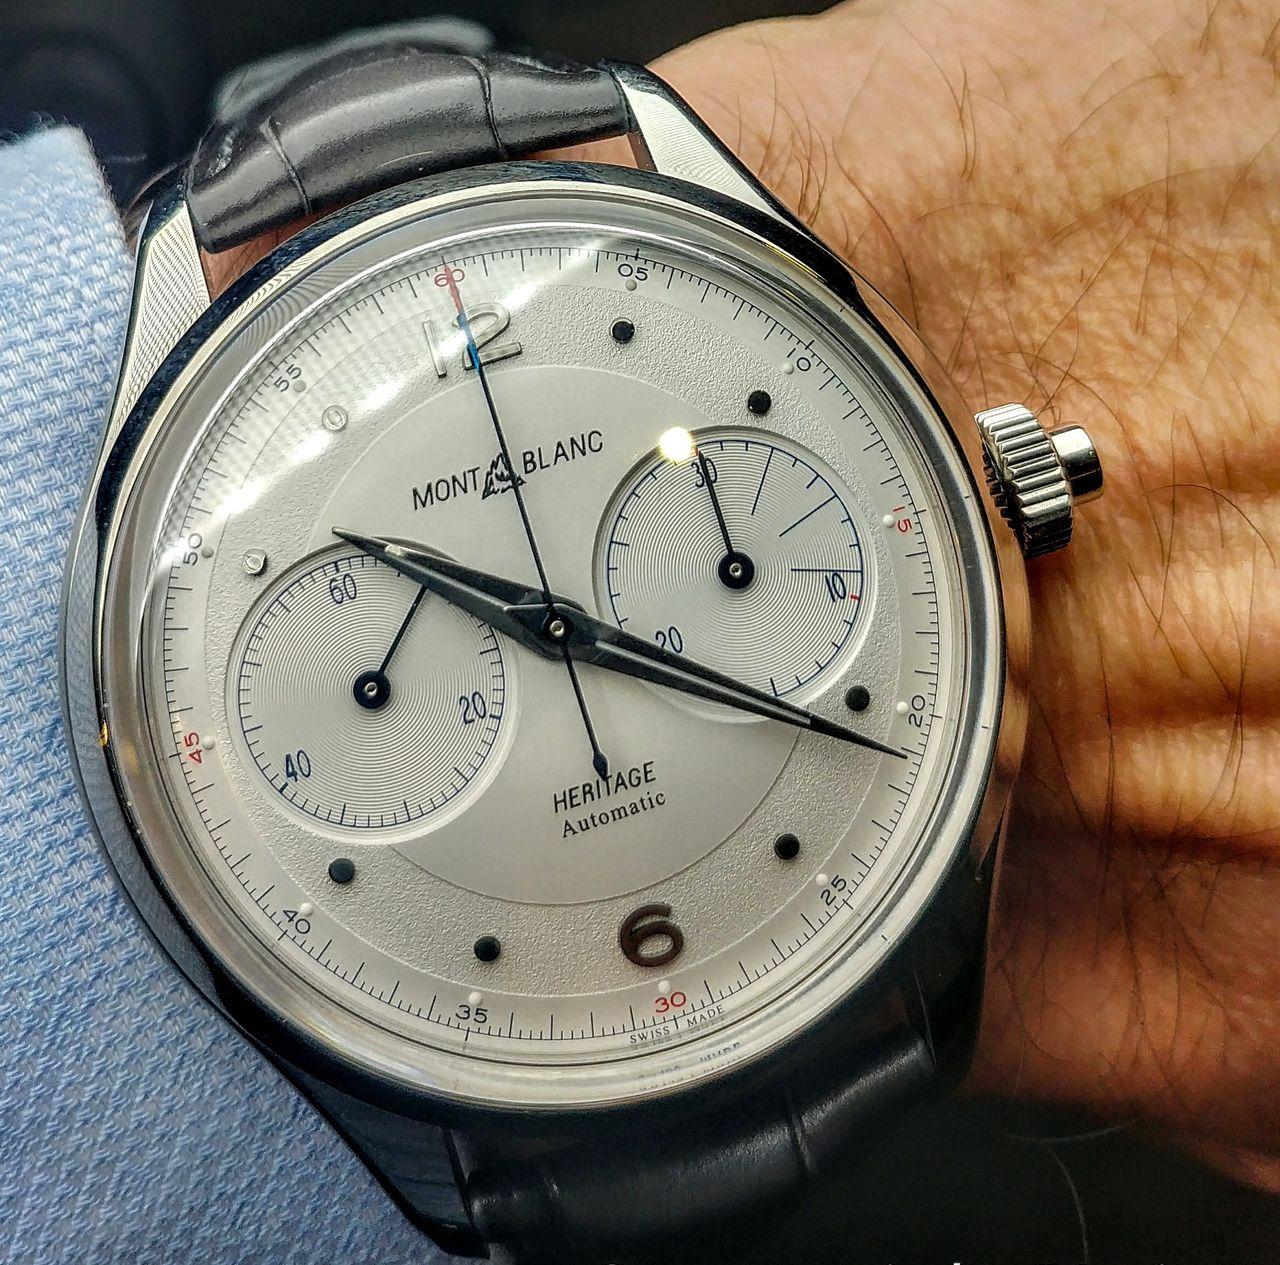 Montblanc Heritage Monopusher Chronograph - nagynak tűnik, pedig 42 mm az átmérője